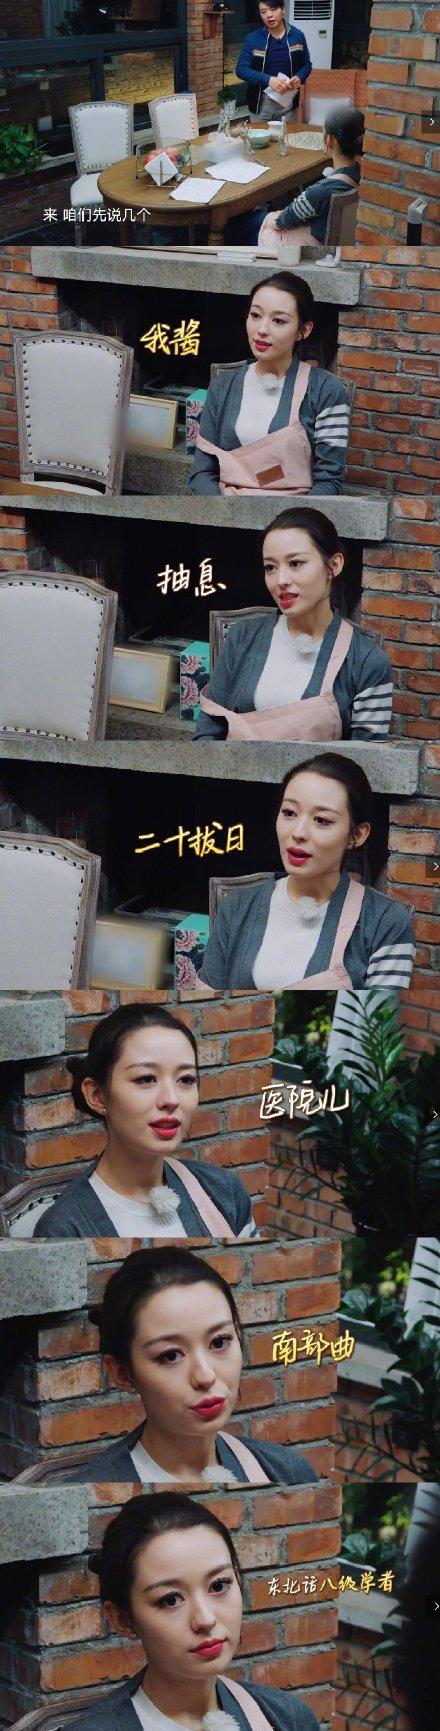 郎朗教吉娜中文怎么回事?郎朗是如何教吉娜中文的详细经过什么节目